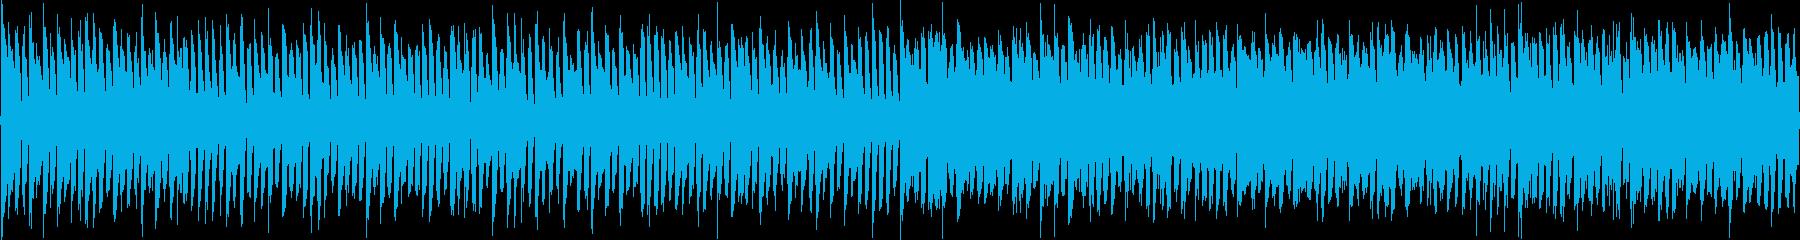 クイズ_シリアス_エレクトロ_ループの再生済みの波形